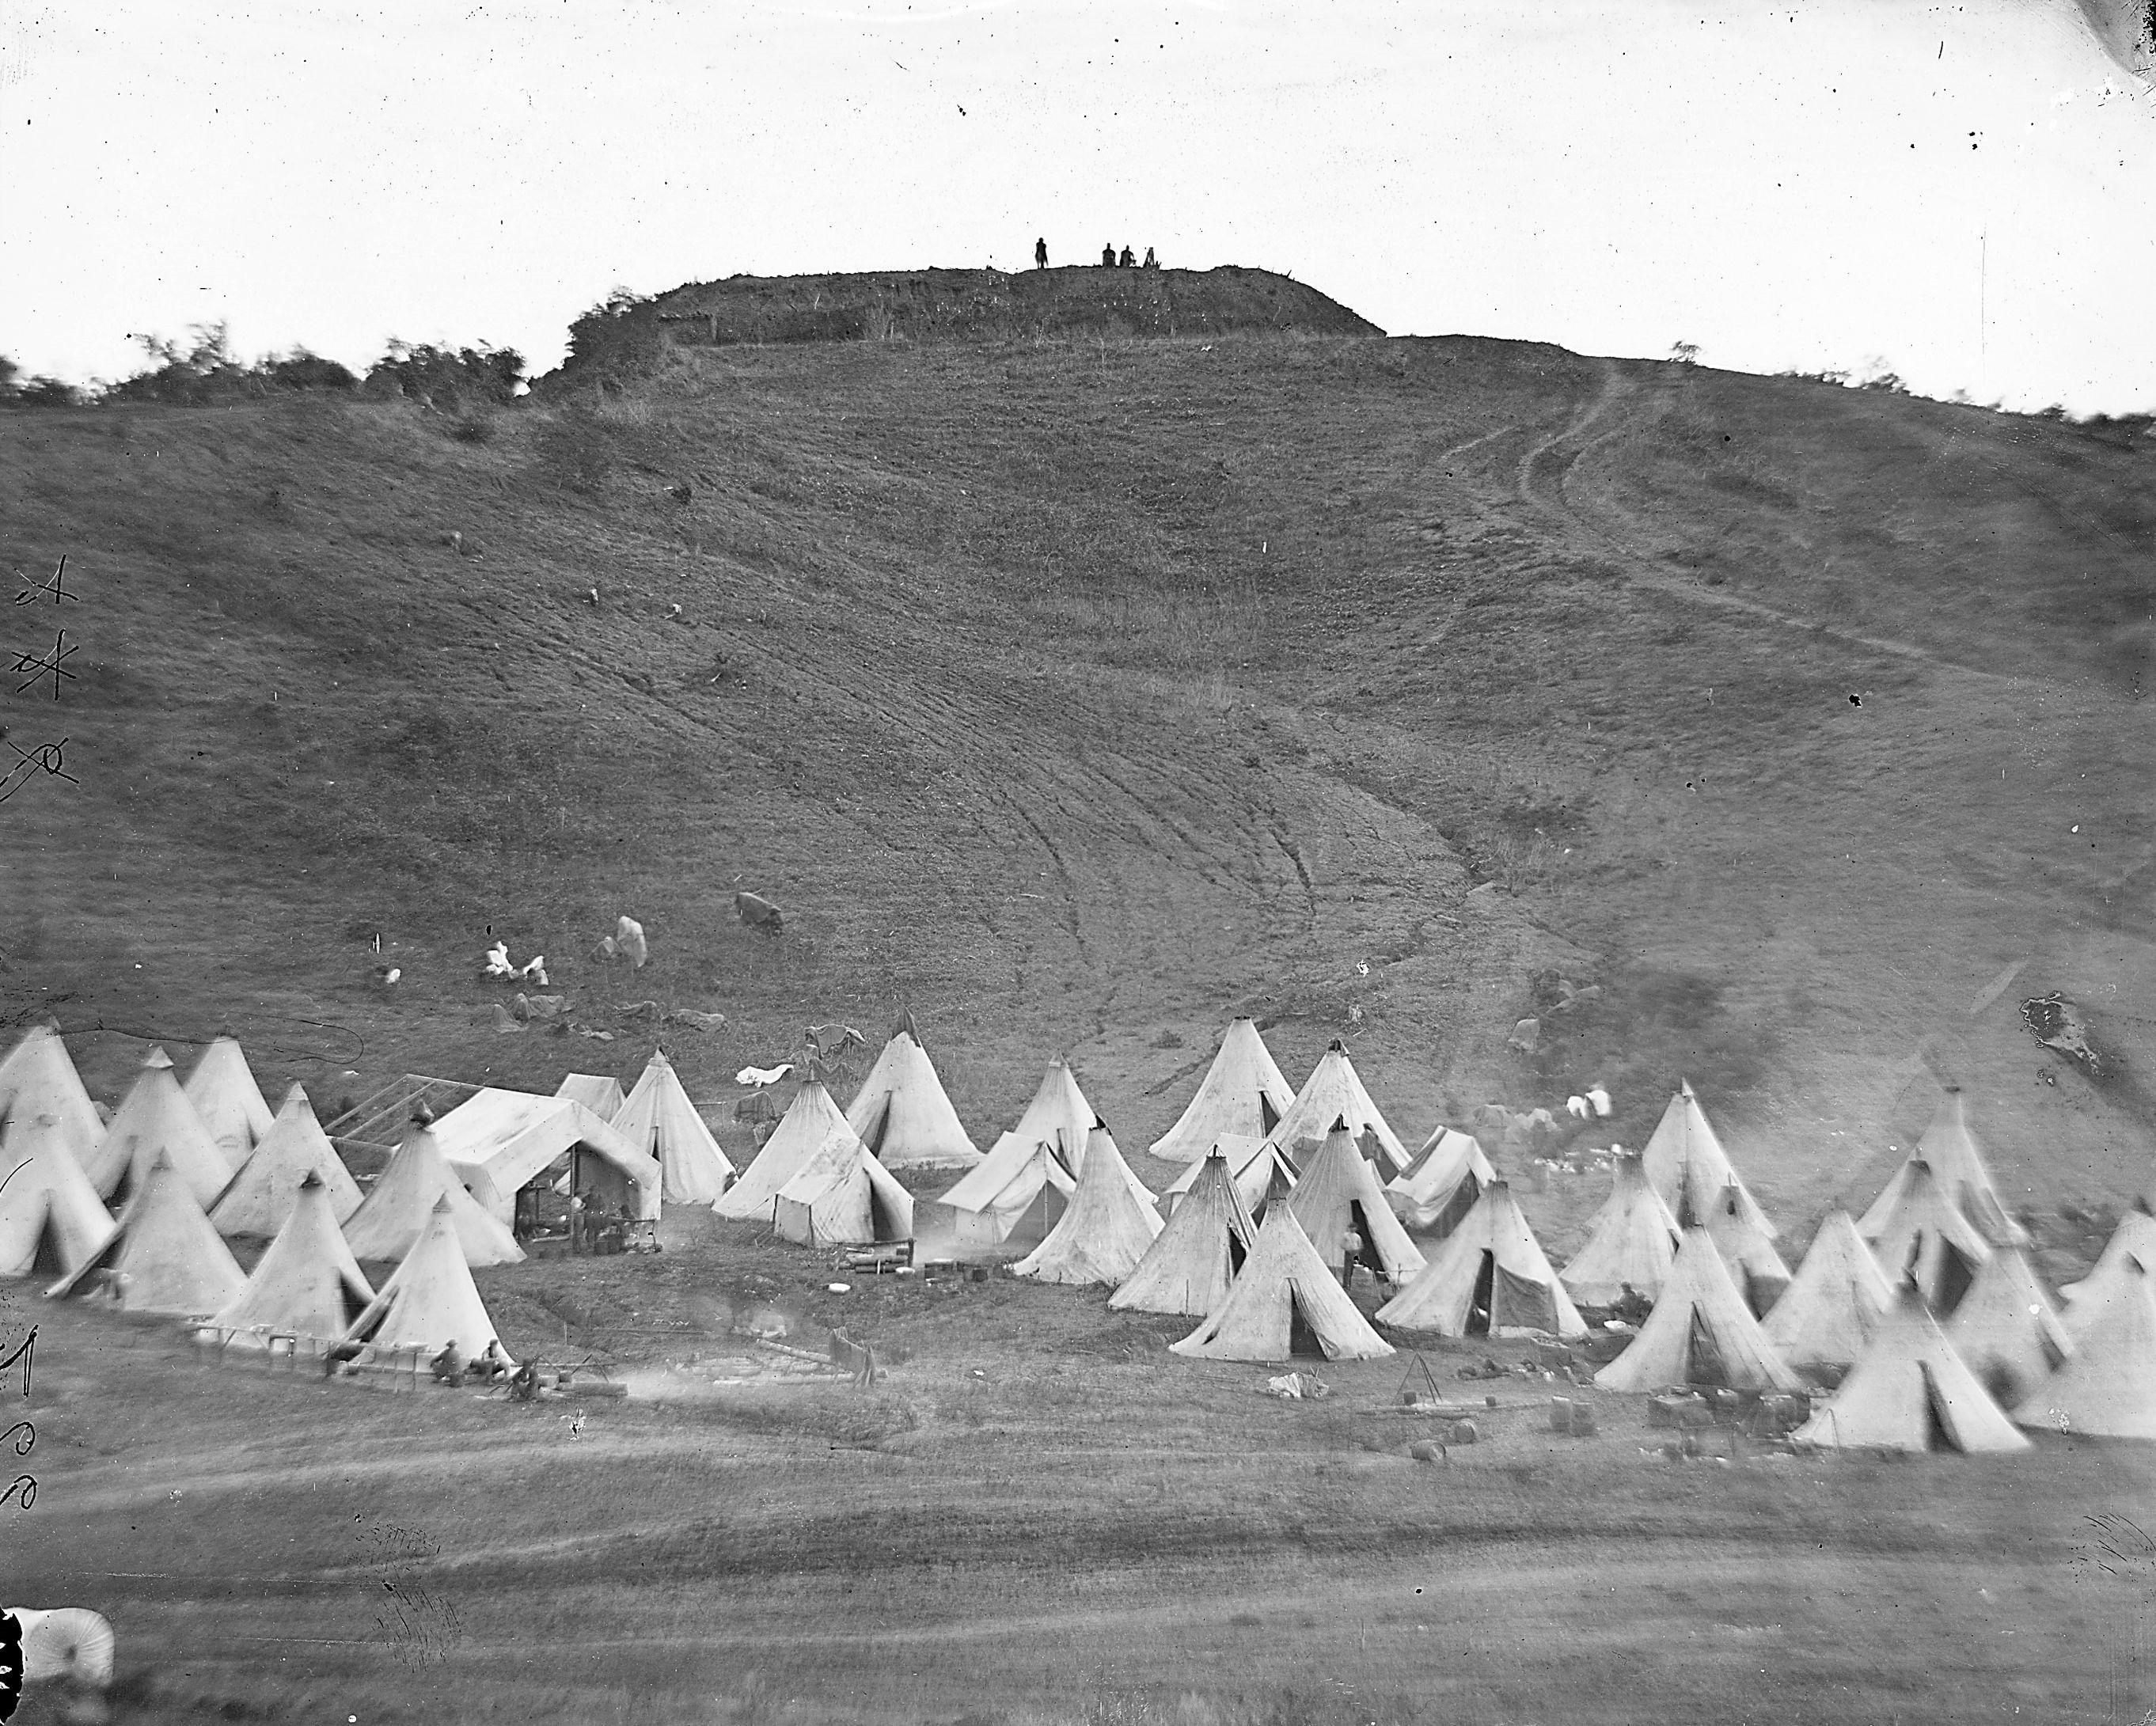 civil war photographs by mathew brady Google Search